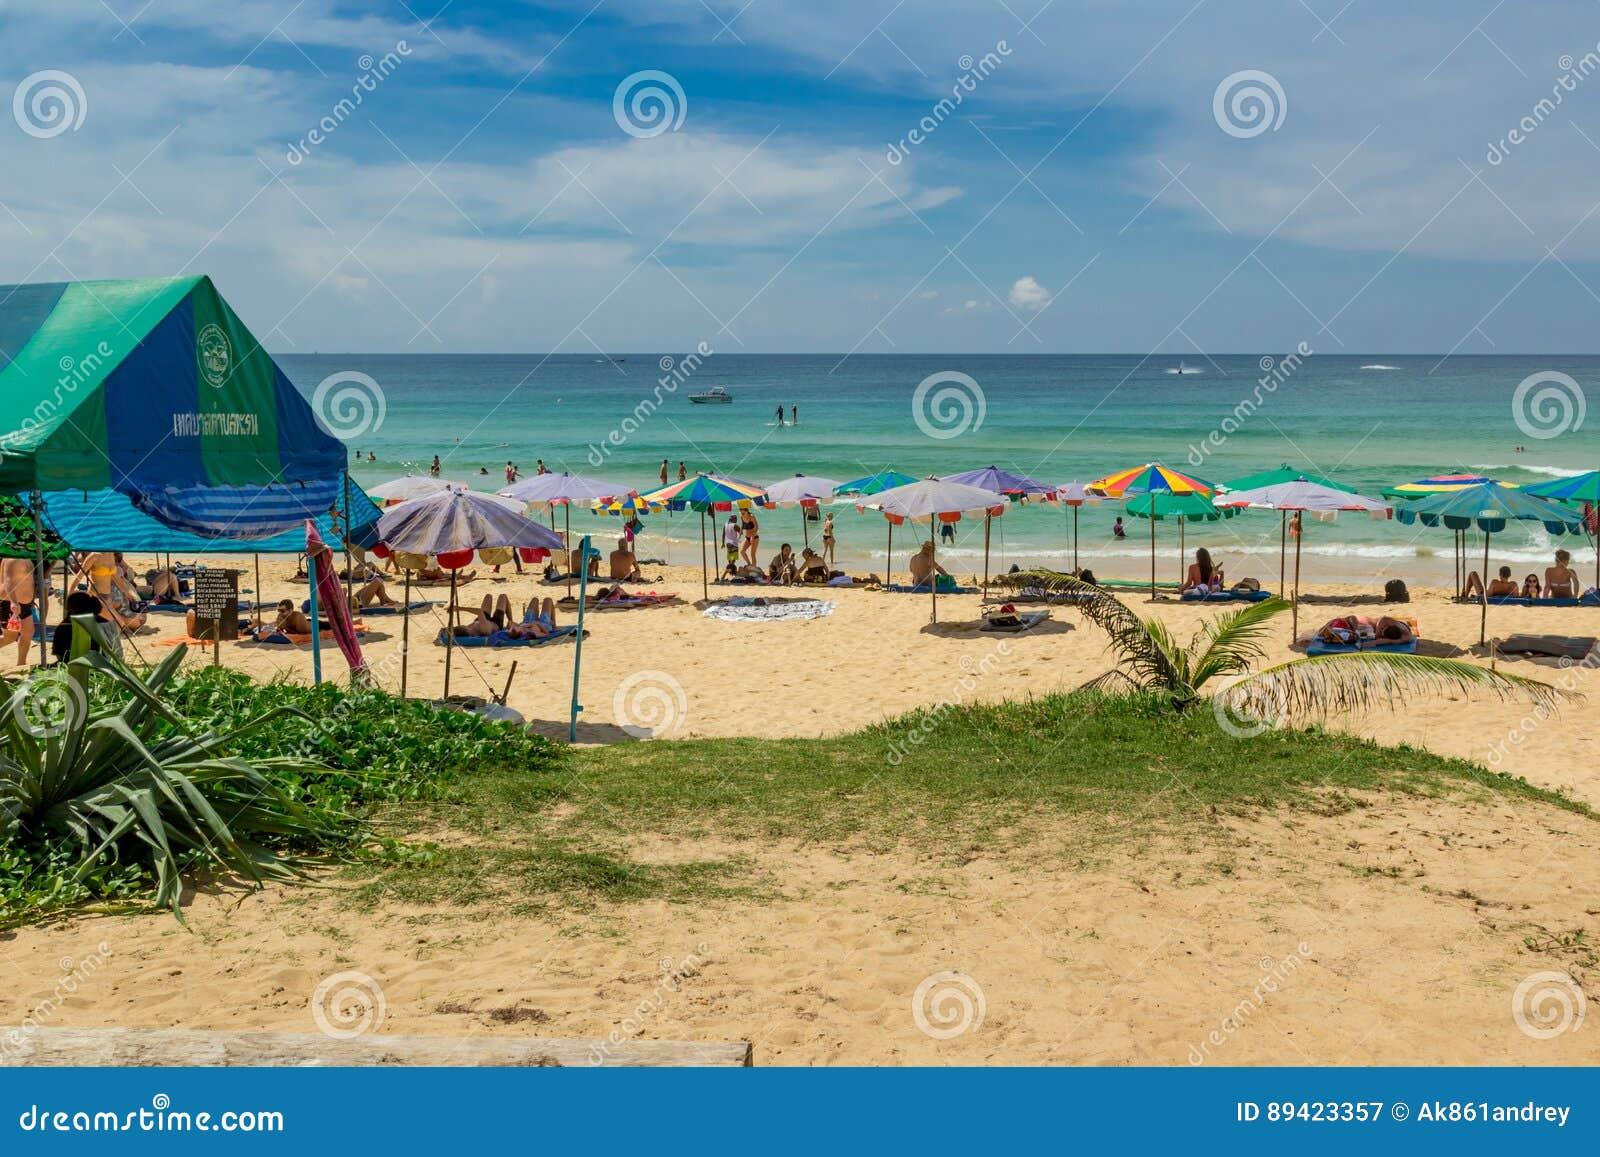 Paisagem da praia em Phuket